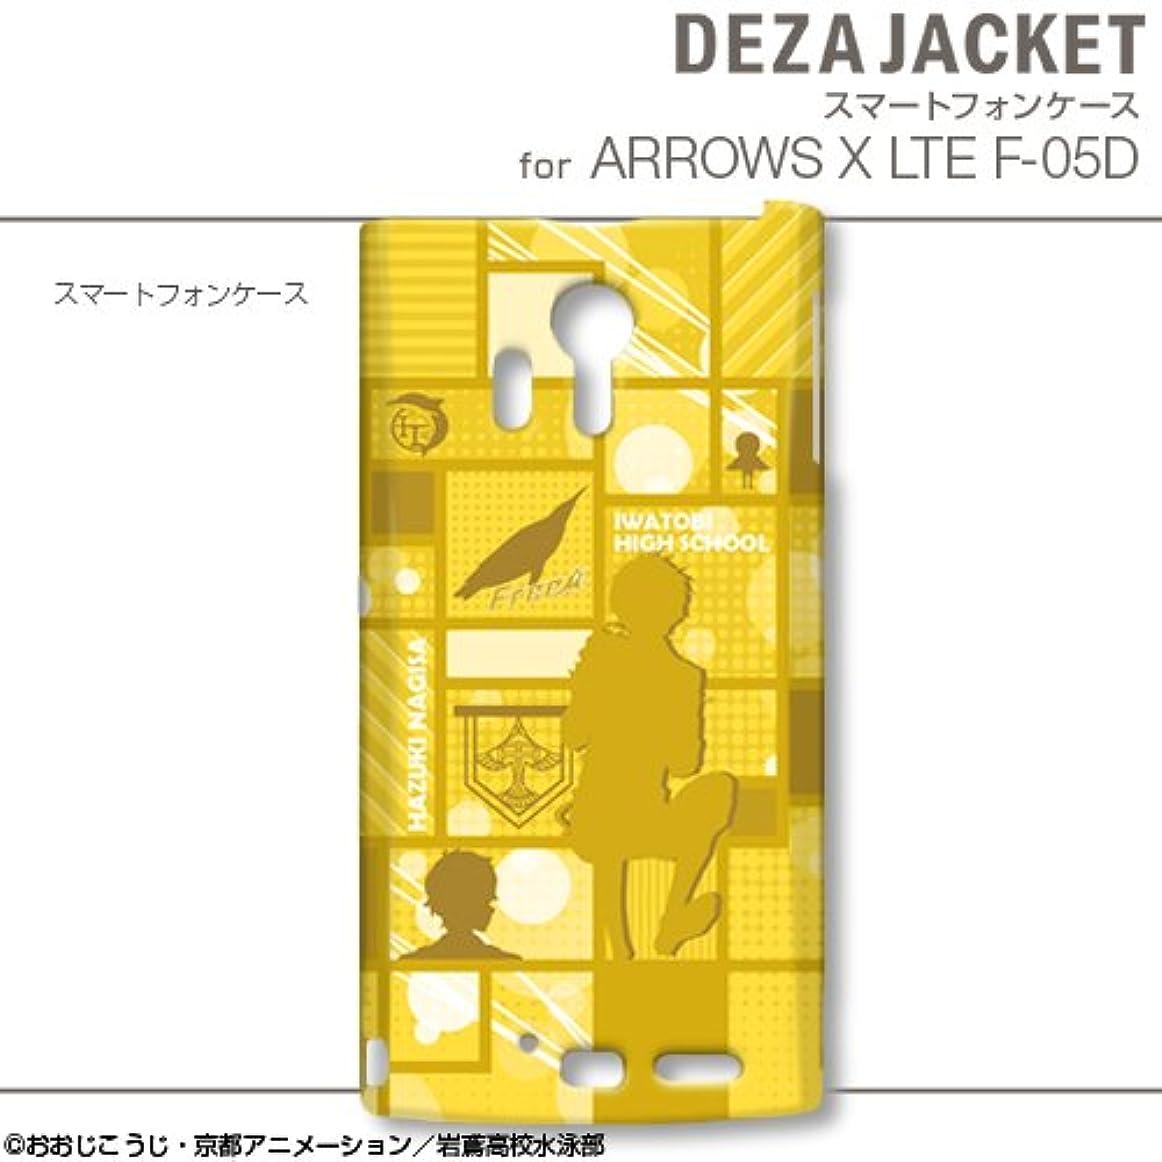 弱まる休日静けさデザエッグ デザジャケット Free! for ARROWS X LTE デザイン03 DJAN-ADF1-ARXL-m03